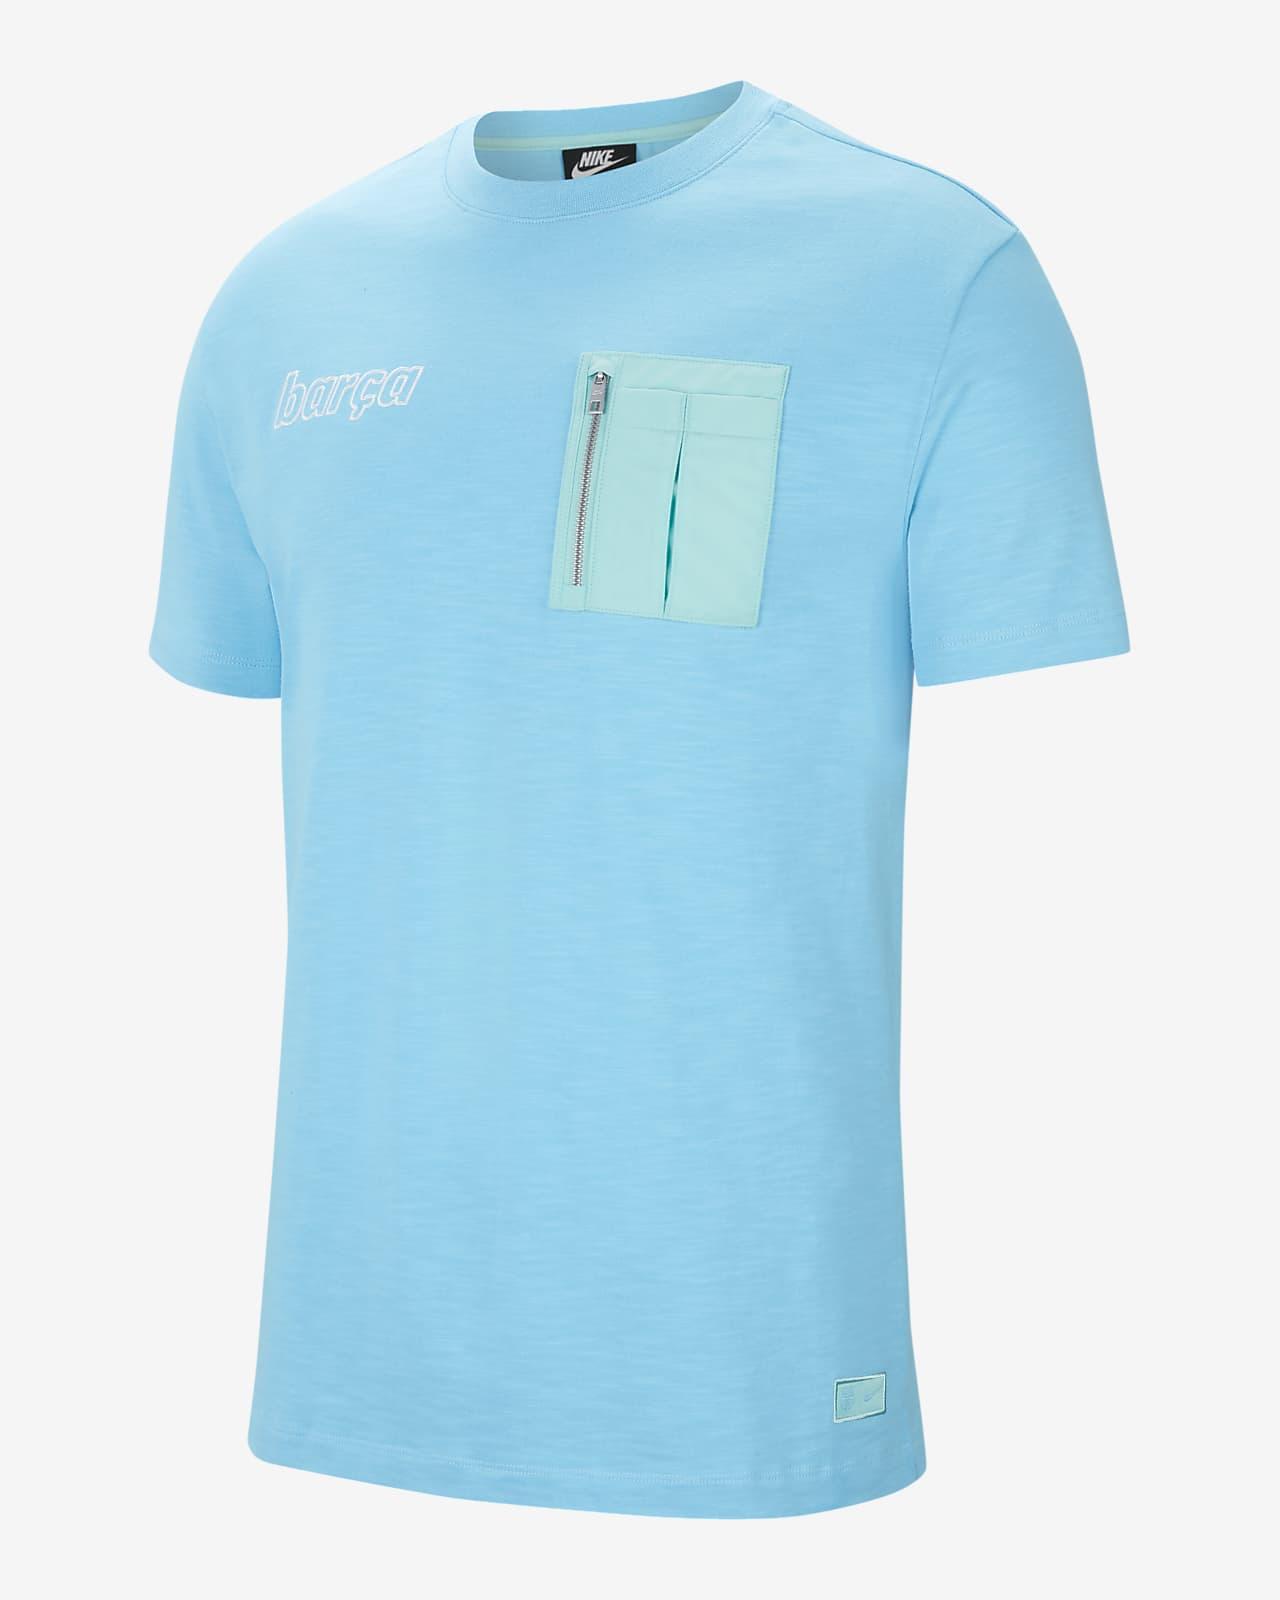 Nike Sportswear F.C. Barcelona Men's Top